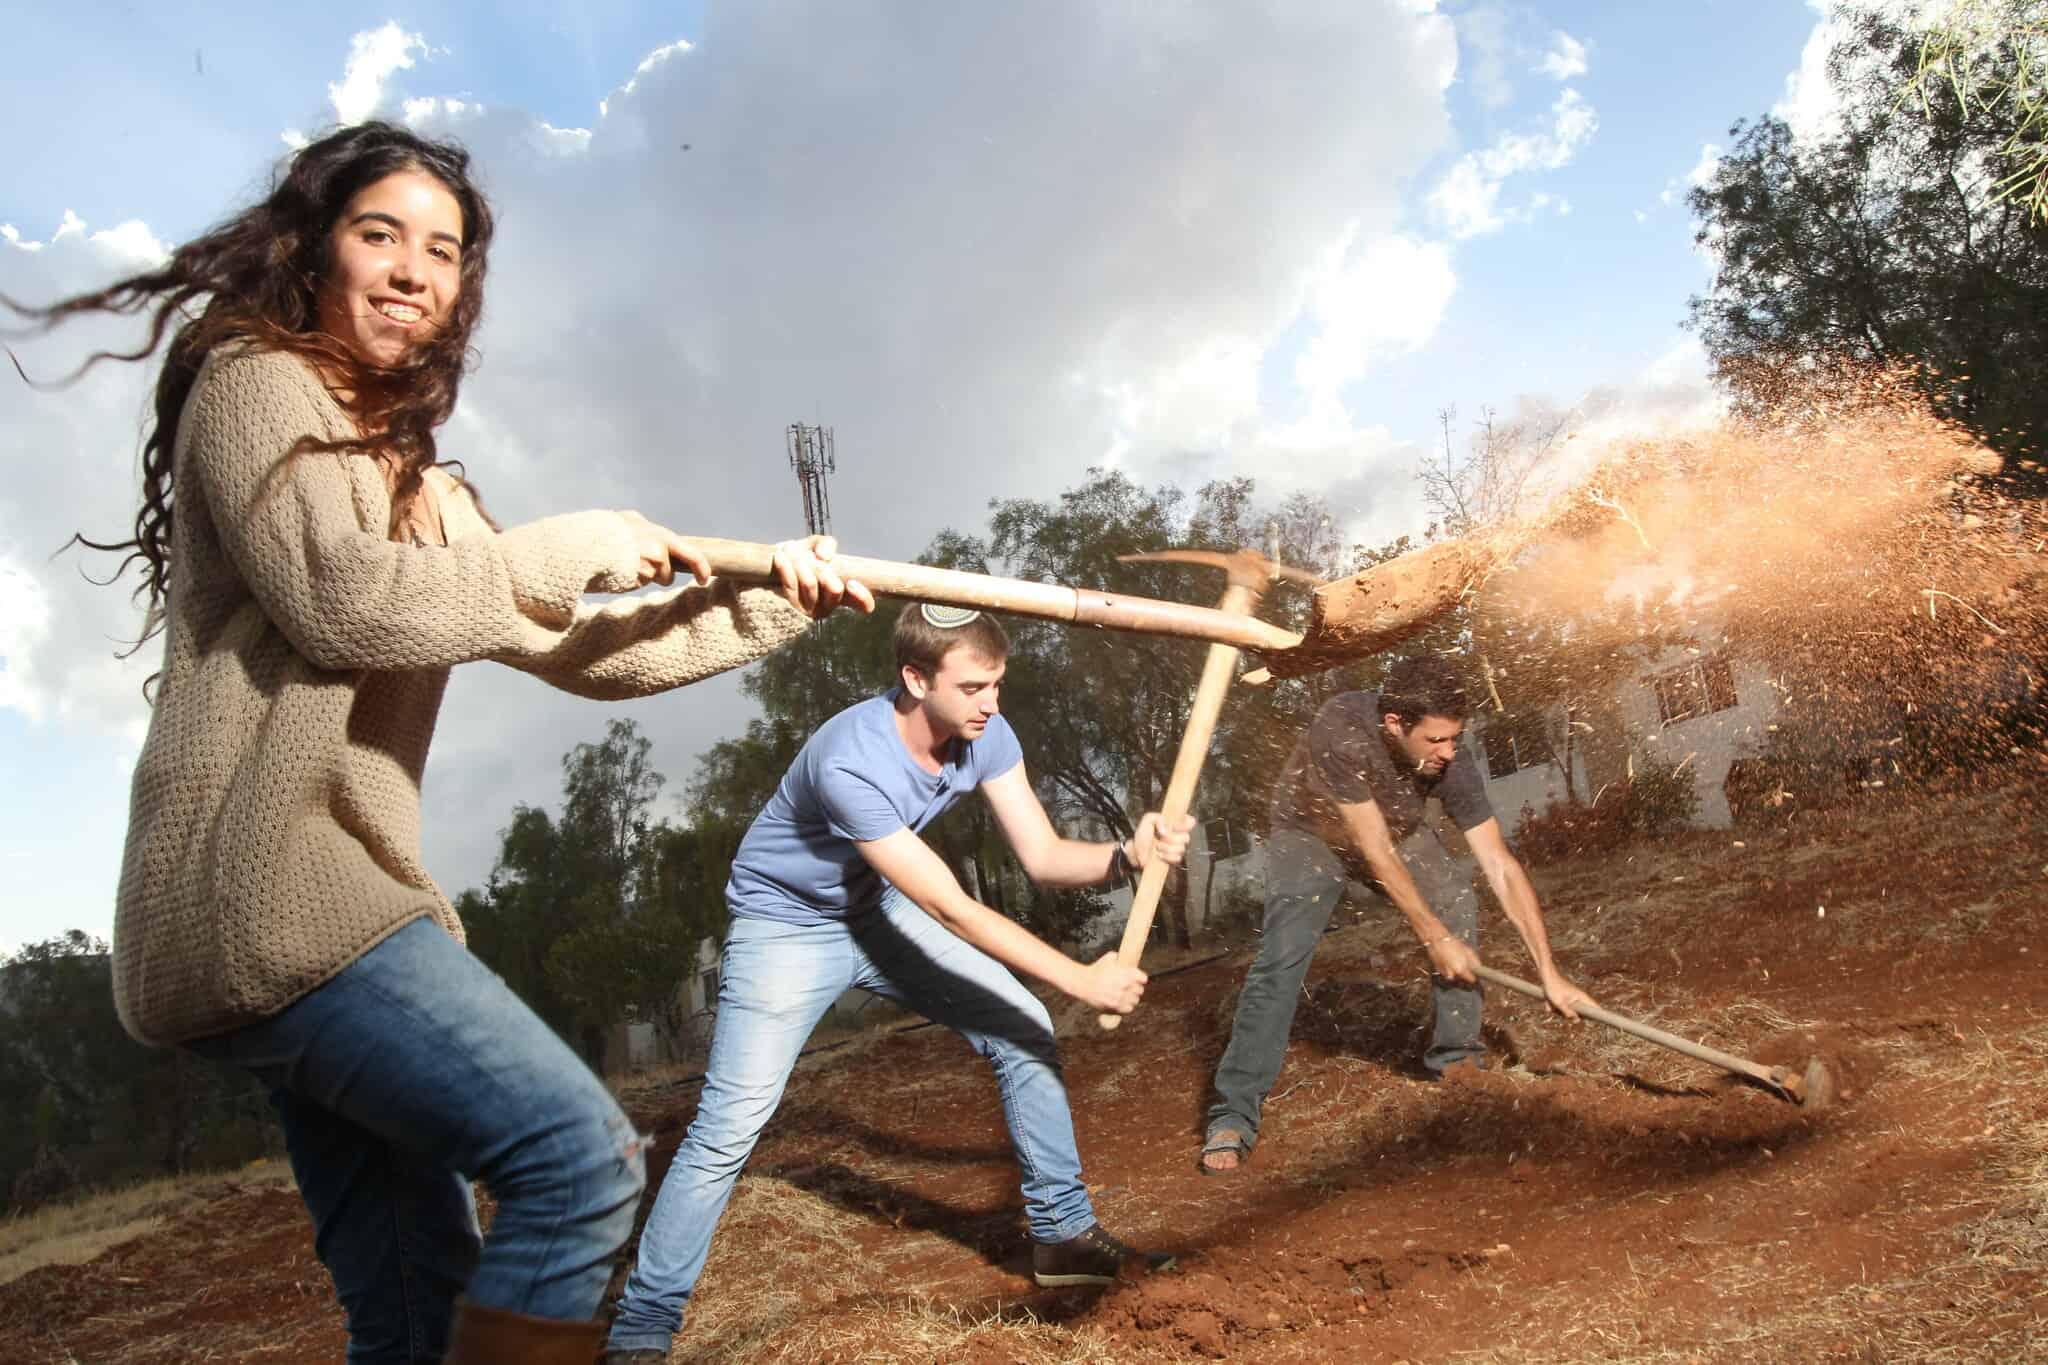 תירא-אל כהן (משמאל) בעת הקמת כפר הסטודנטים במעלה אפרים, ב-2104 (צילום: מרים צחי, מקור ראשון)